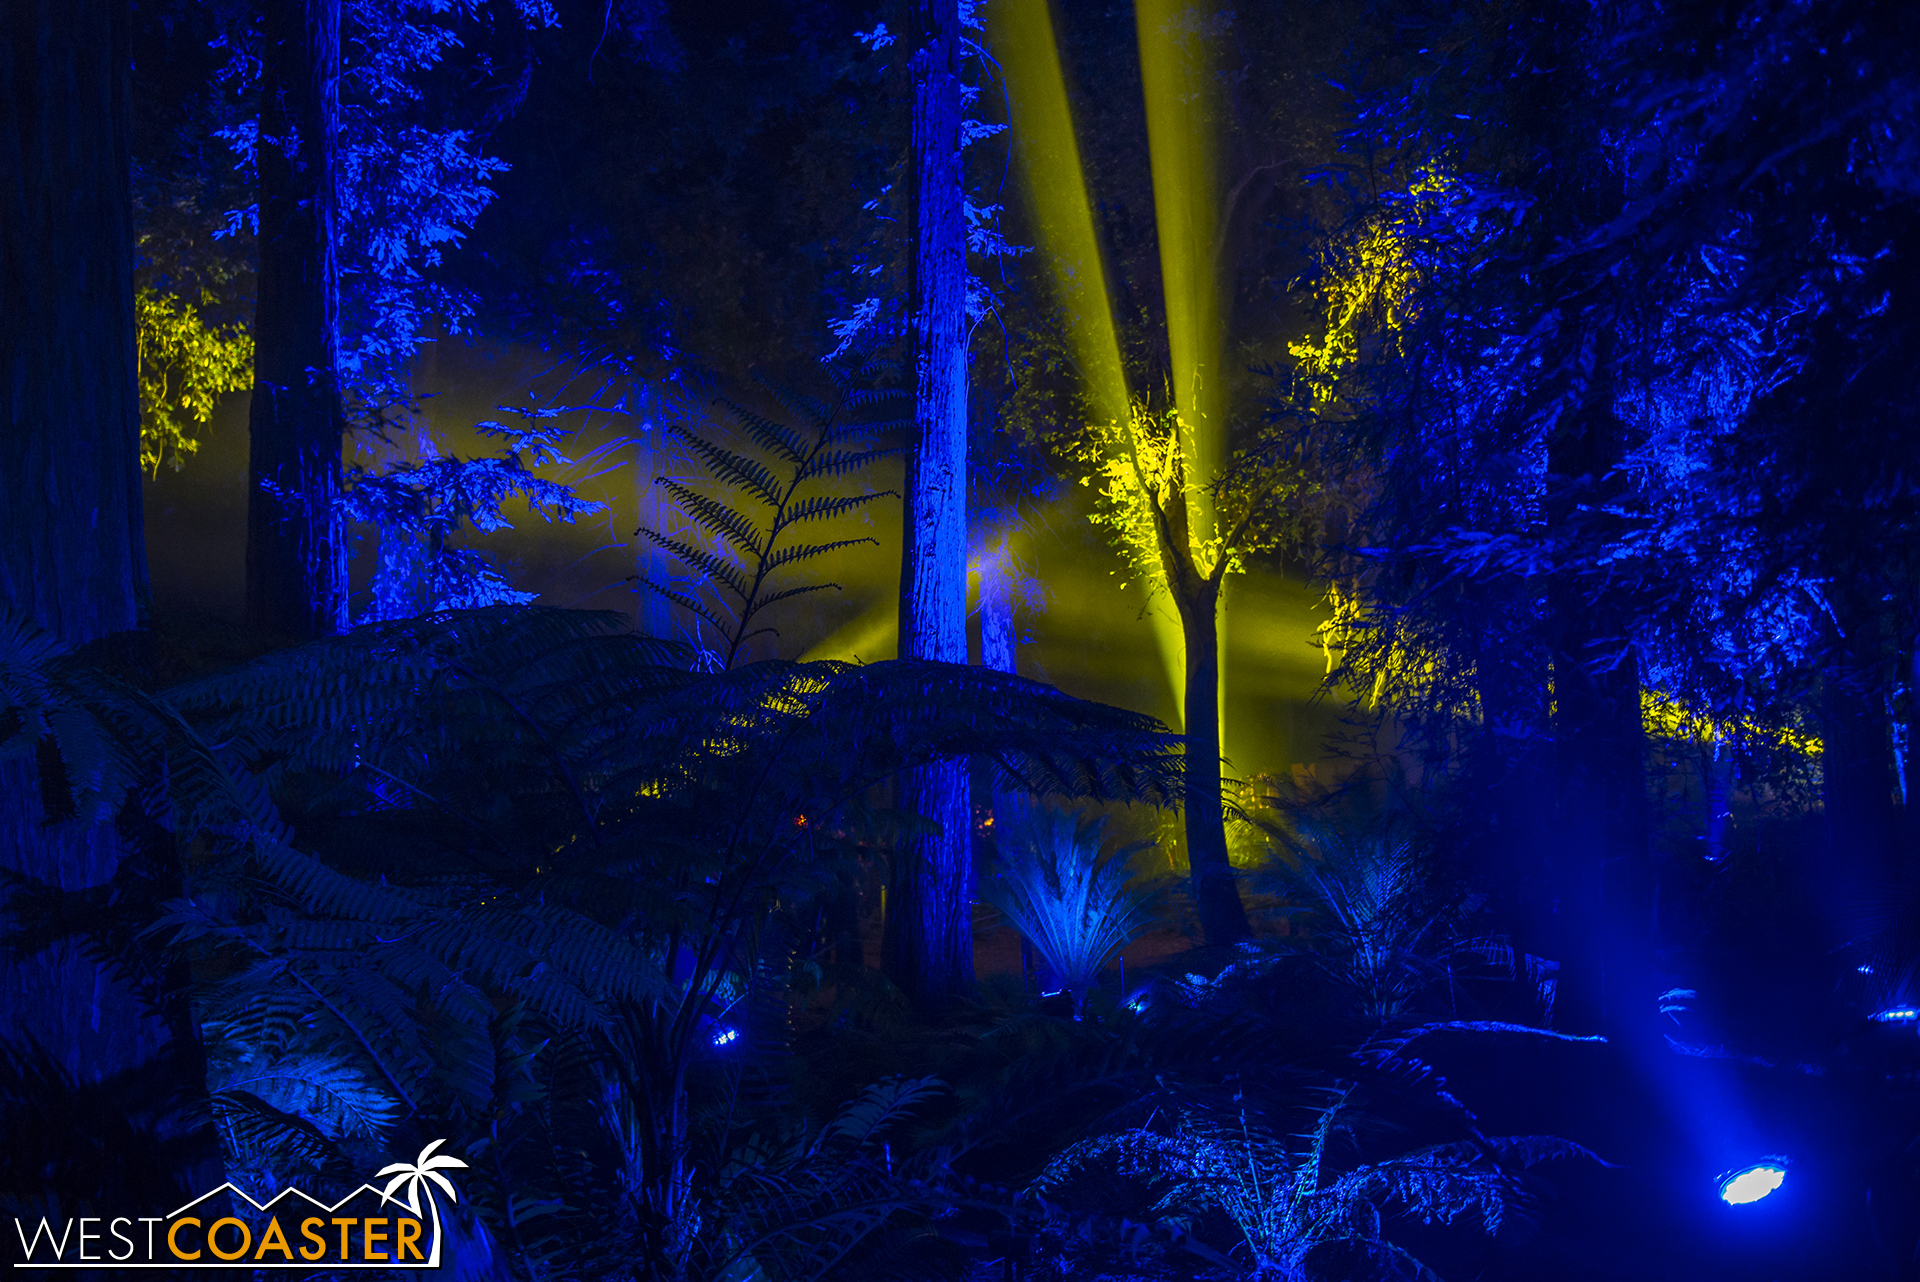 Descanso-17_1201-08-AncientForest-0006.jpg